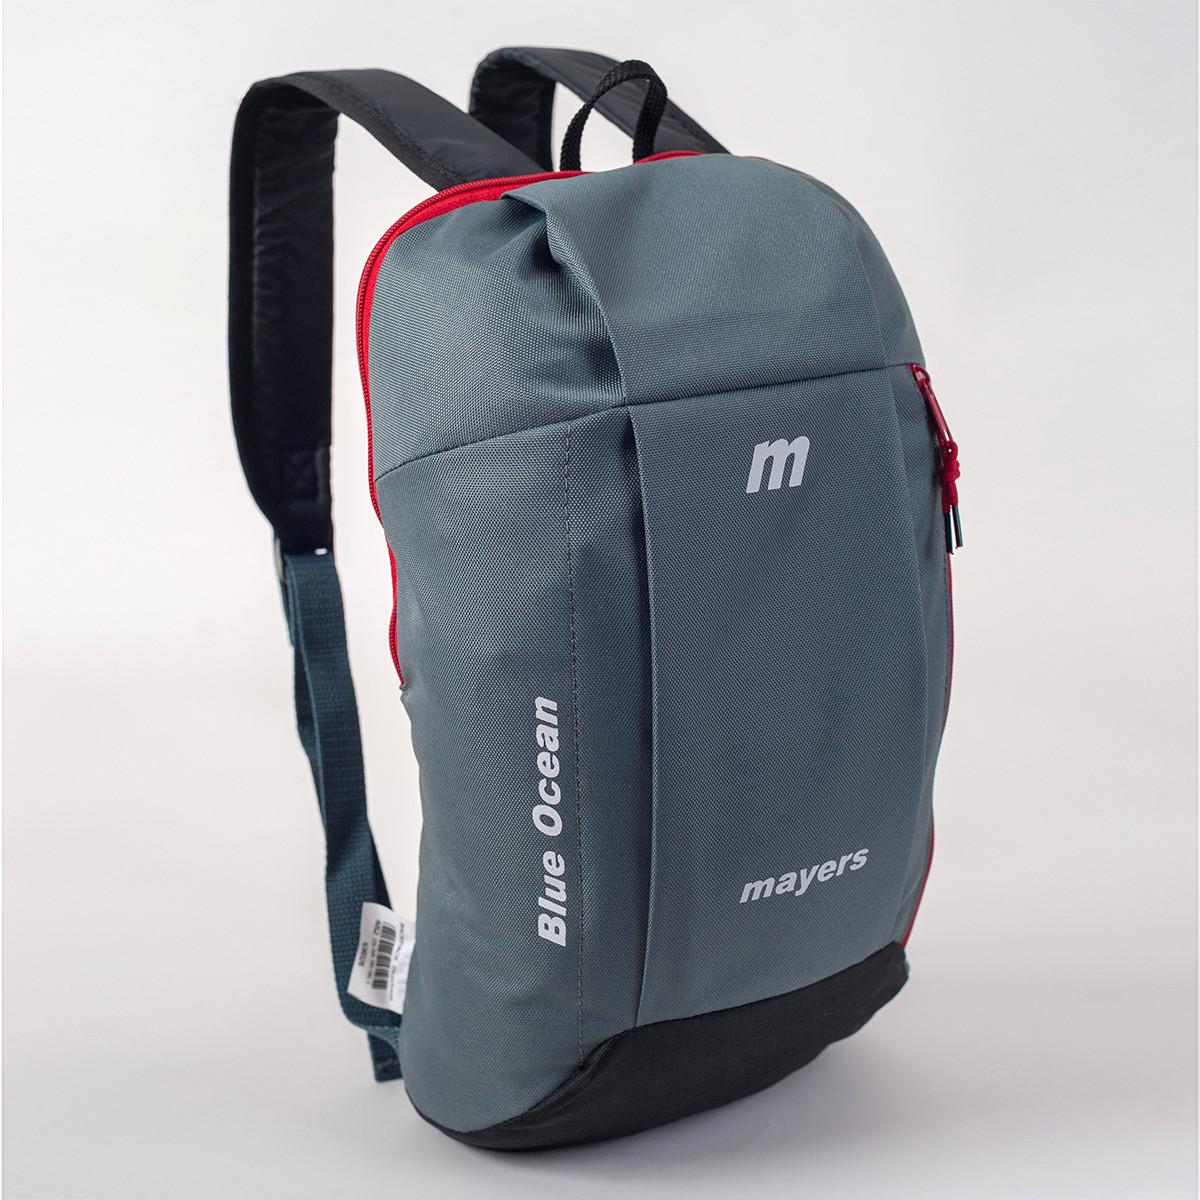 Спортивный рюкзак MAYERS 10L, серый + черный / красная молния, фото 2